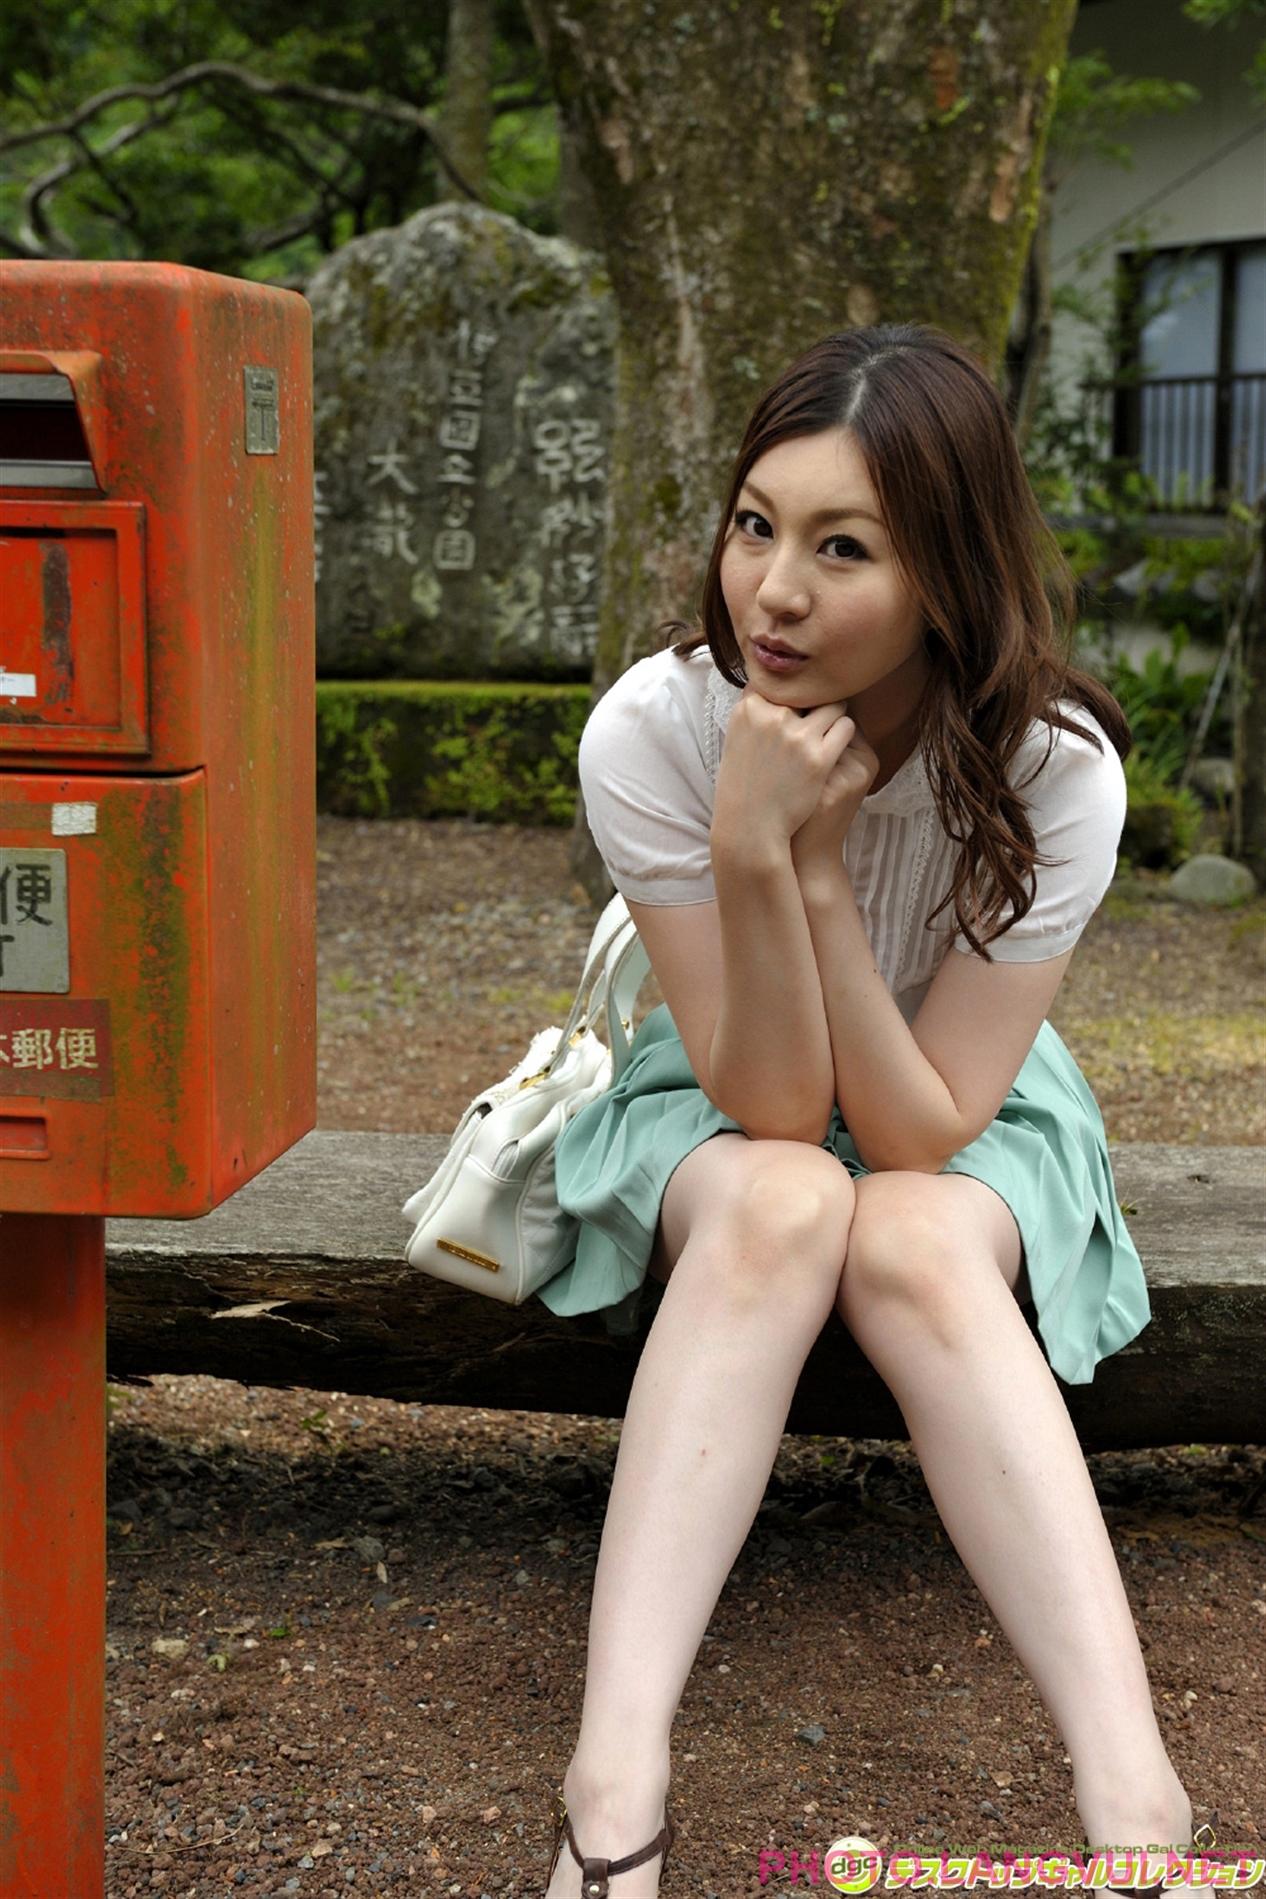 DGC No 1213 Yui Tatsumi - Ảnh Girl Xinh - photo.langvui.net